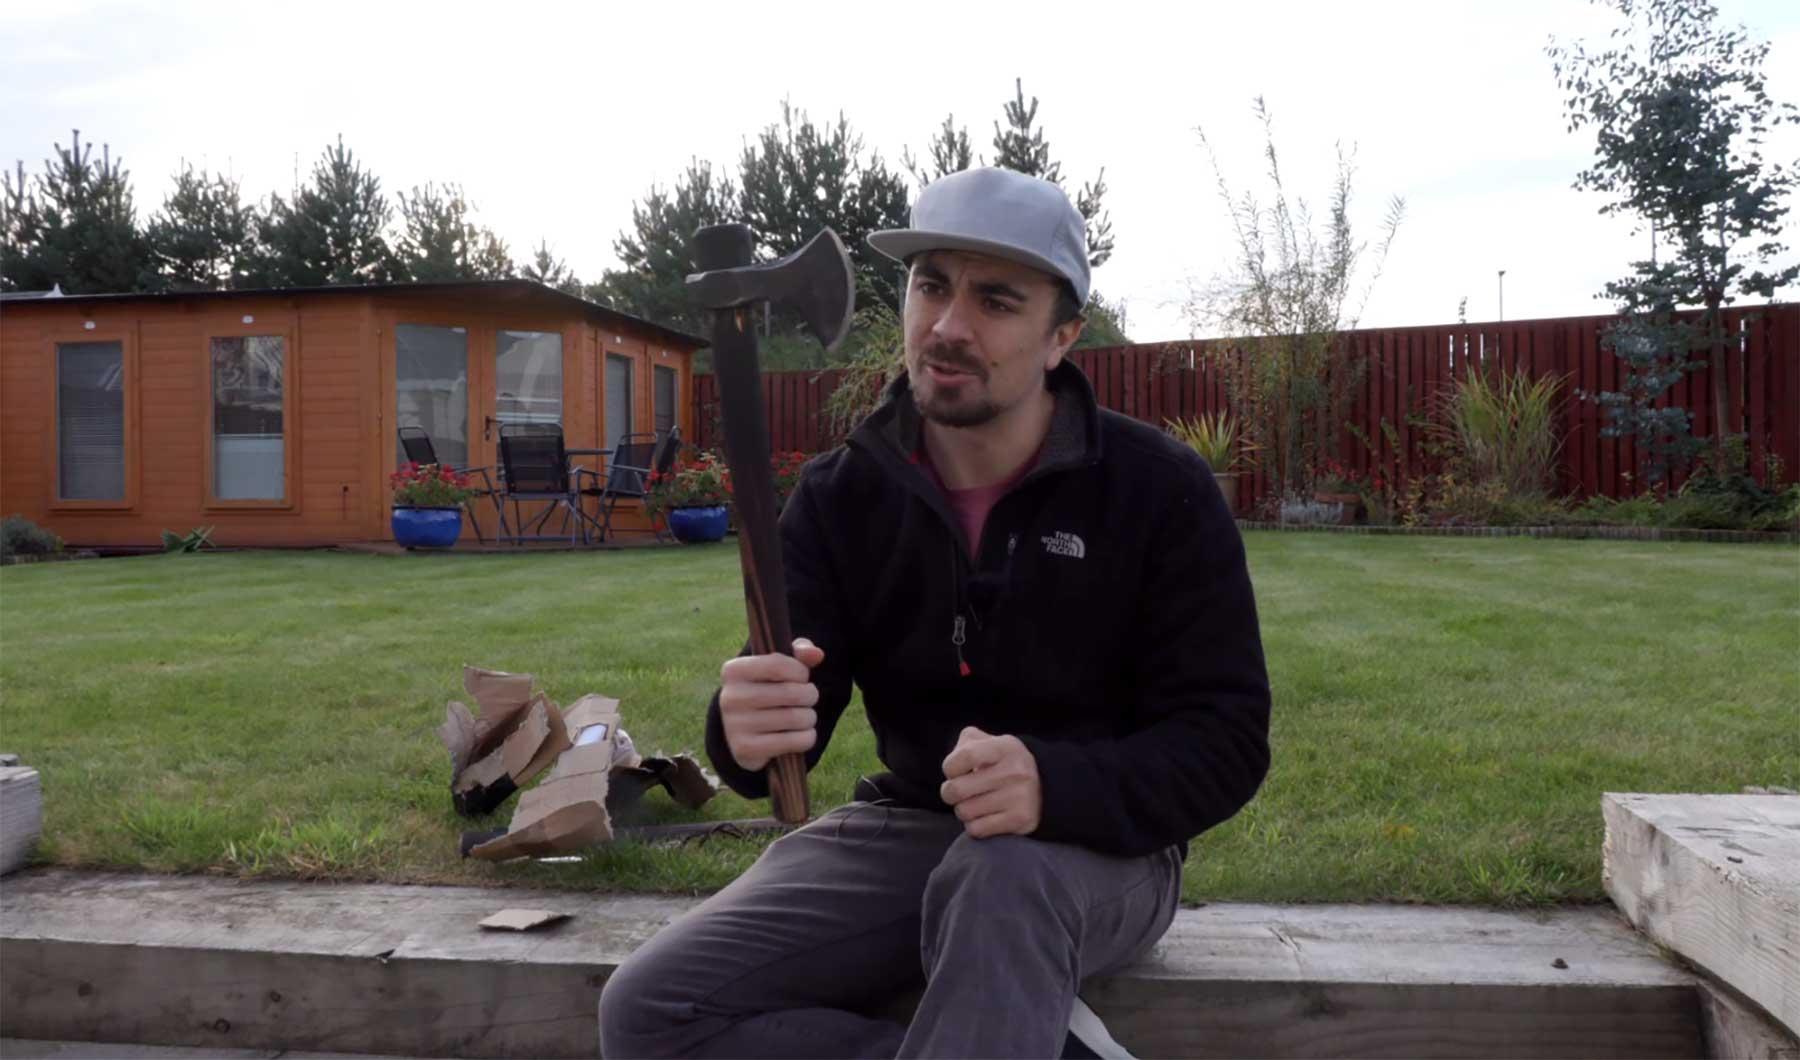 Mike Boyd lernt Axtwerfen